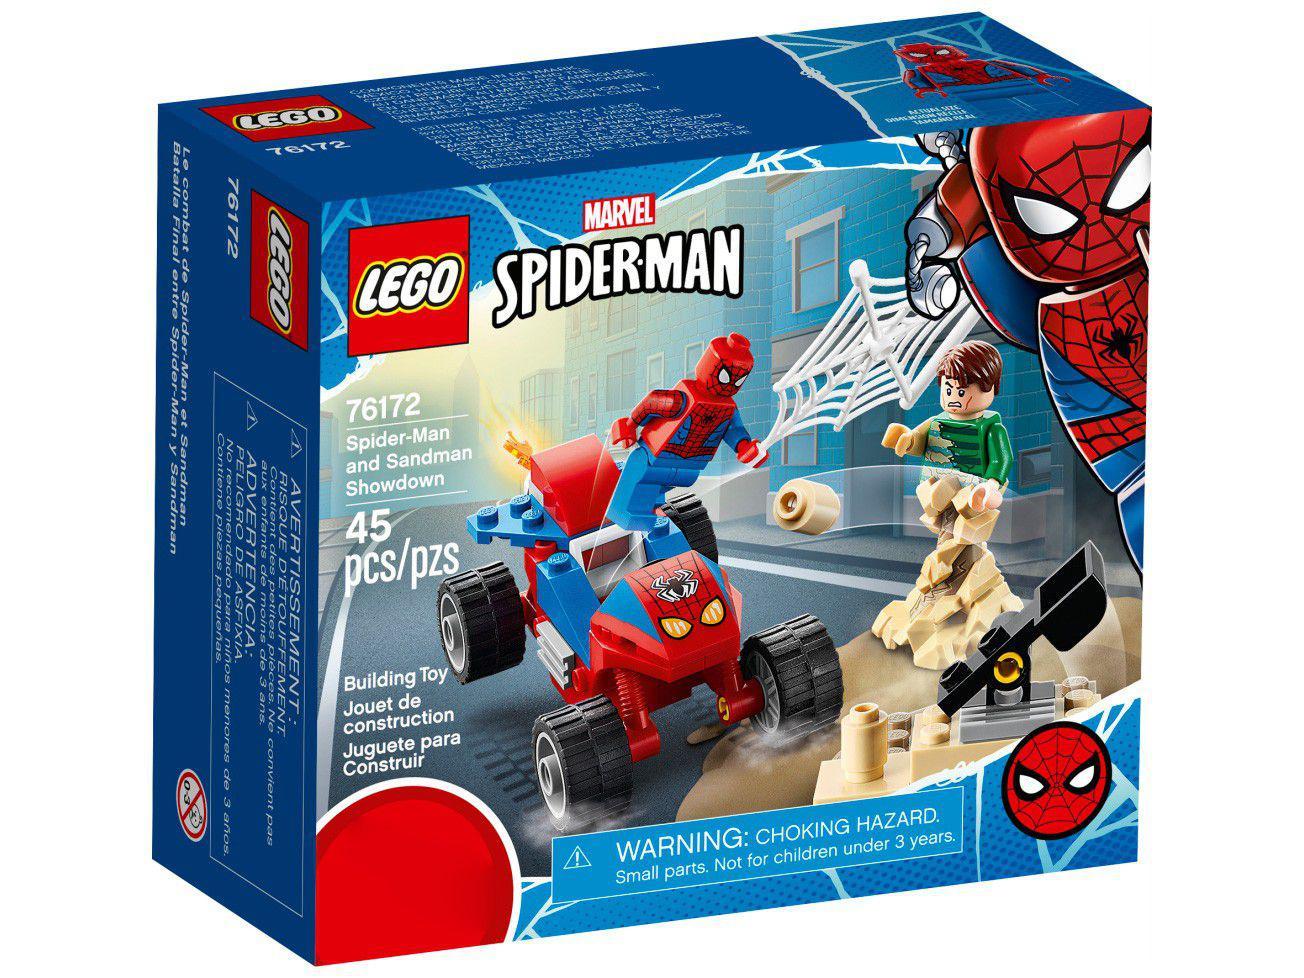 LEGO Marvel Confronto Homem-Aranha e Sandman - 45 Peças 76172